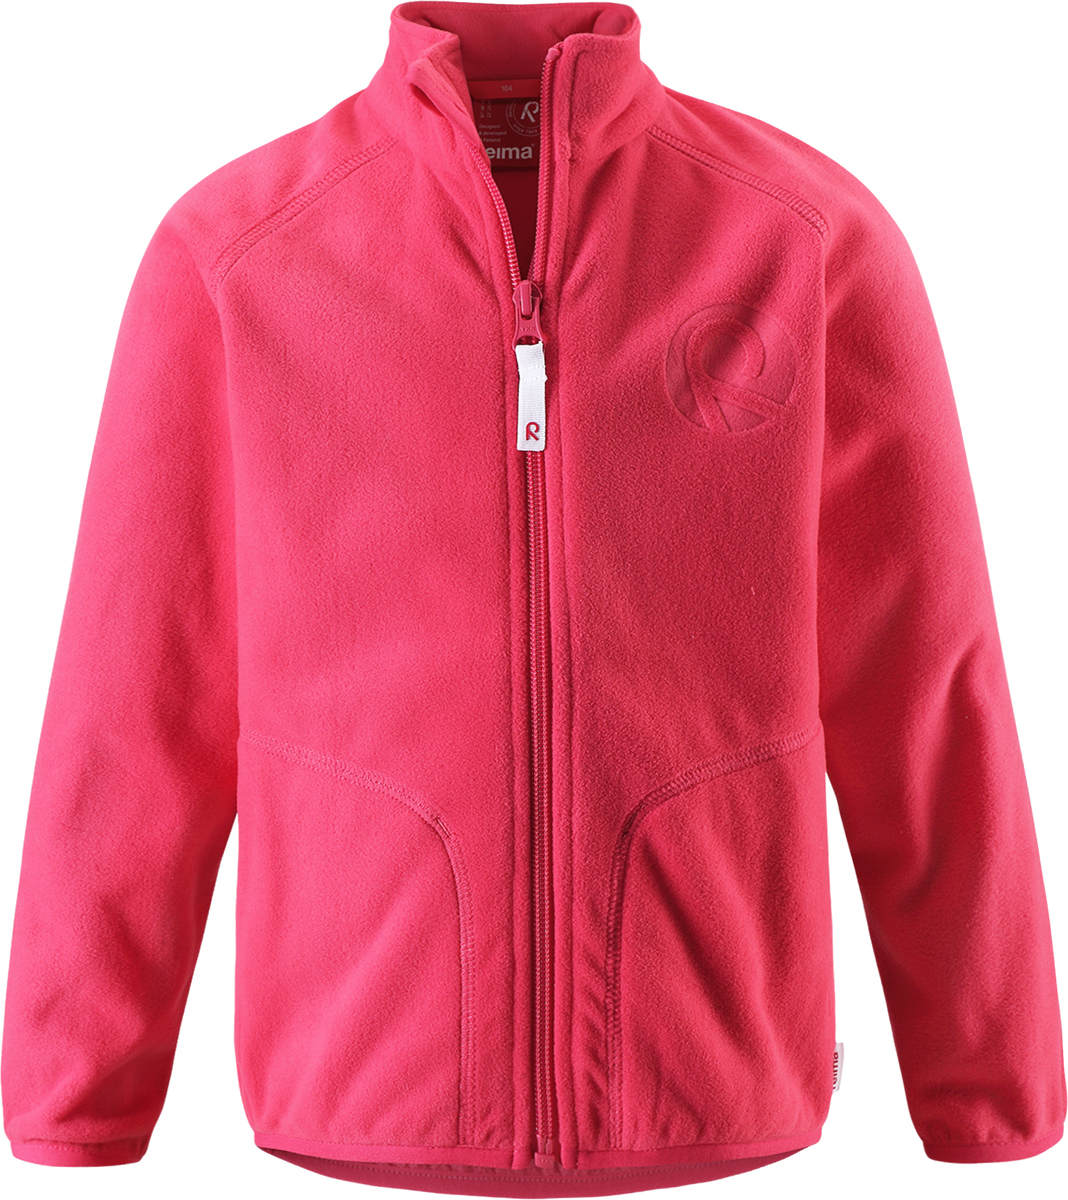 Толстовка флисовая детская Reima Inrun, цвет: розовый. 5262503360. Размер 1105262503360Детская флисовая толстовка Reima на прохладный день. Можно использовать как верхнюю одежду в сухую погоду весной и осенью или поддевать в качестве промежуточного слоя в холода. Обратите внимание на удобную систему кнопок Play Layers, с помощью которой легко присоединить кофту к одежде из серии Reima Play Layers и обеспечить ребенку дополнительное тепло и комфорт. Высококачественный флис - это теплый, легкий и быстросохнущий материал, он идеально подходит для активных прогулок. Удлиненная спинка обеспечивает дополнительную защиту для поясницы, а молния во всю длину с защитой для подбородка облегчает надевание.